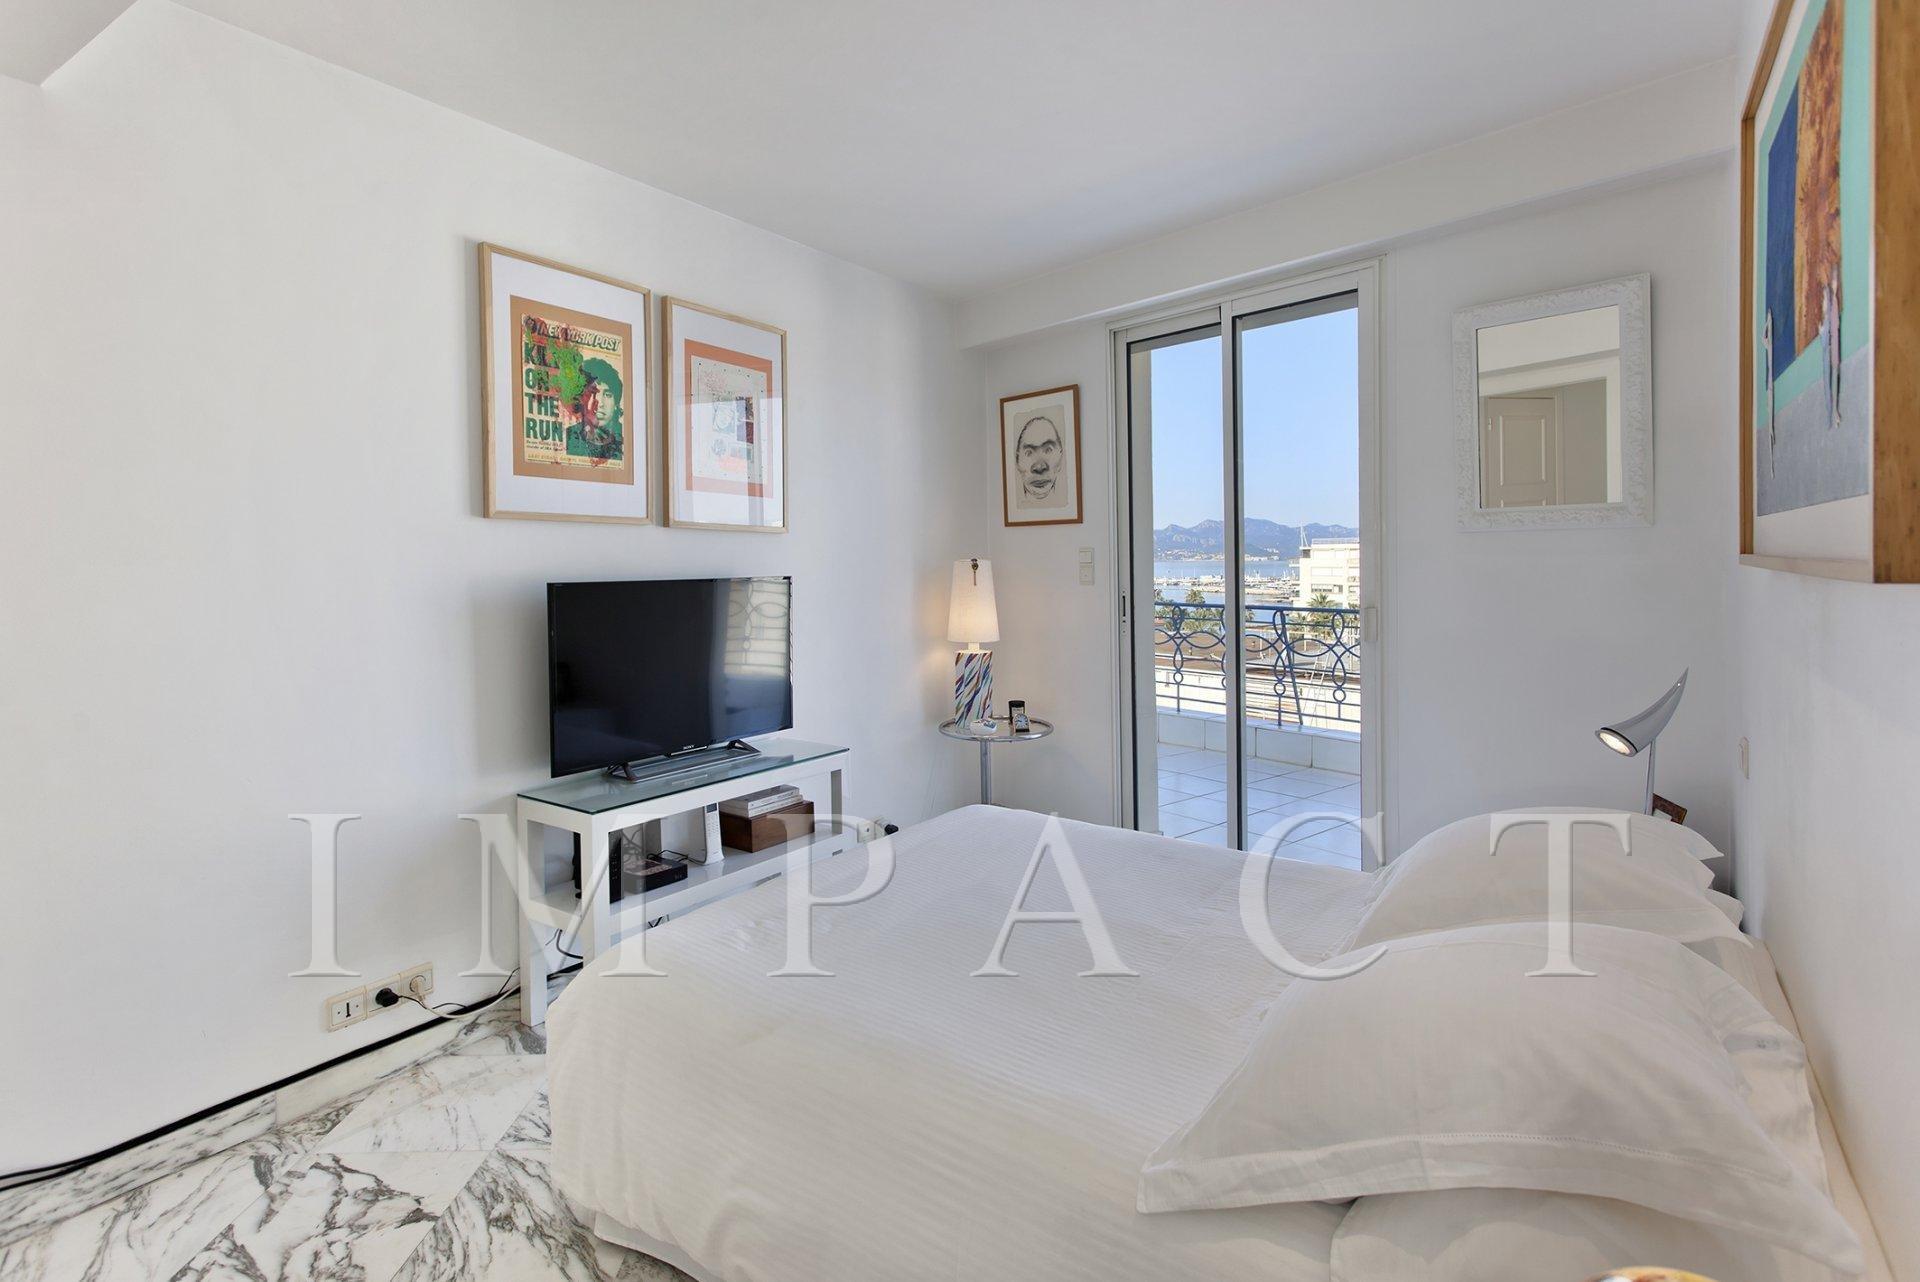 Location saisonnière -  Bel appartement à louer, centre de Cannes